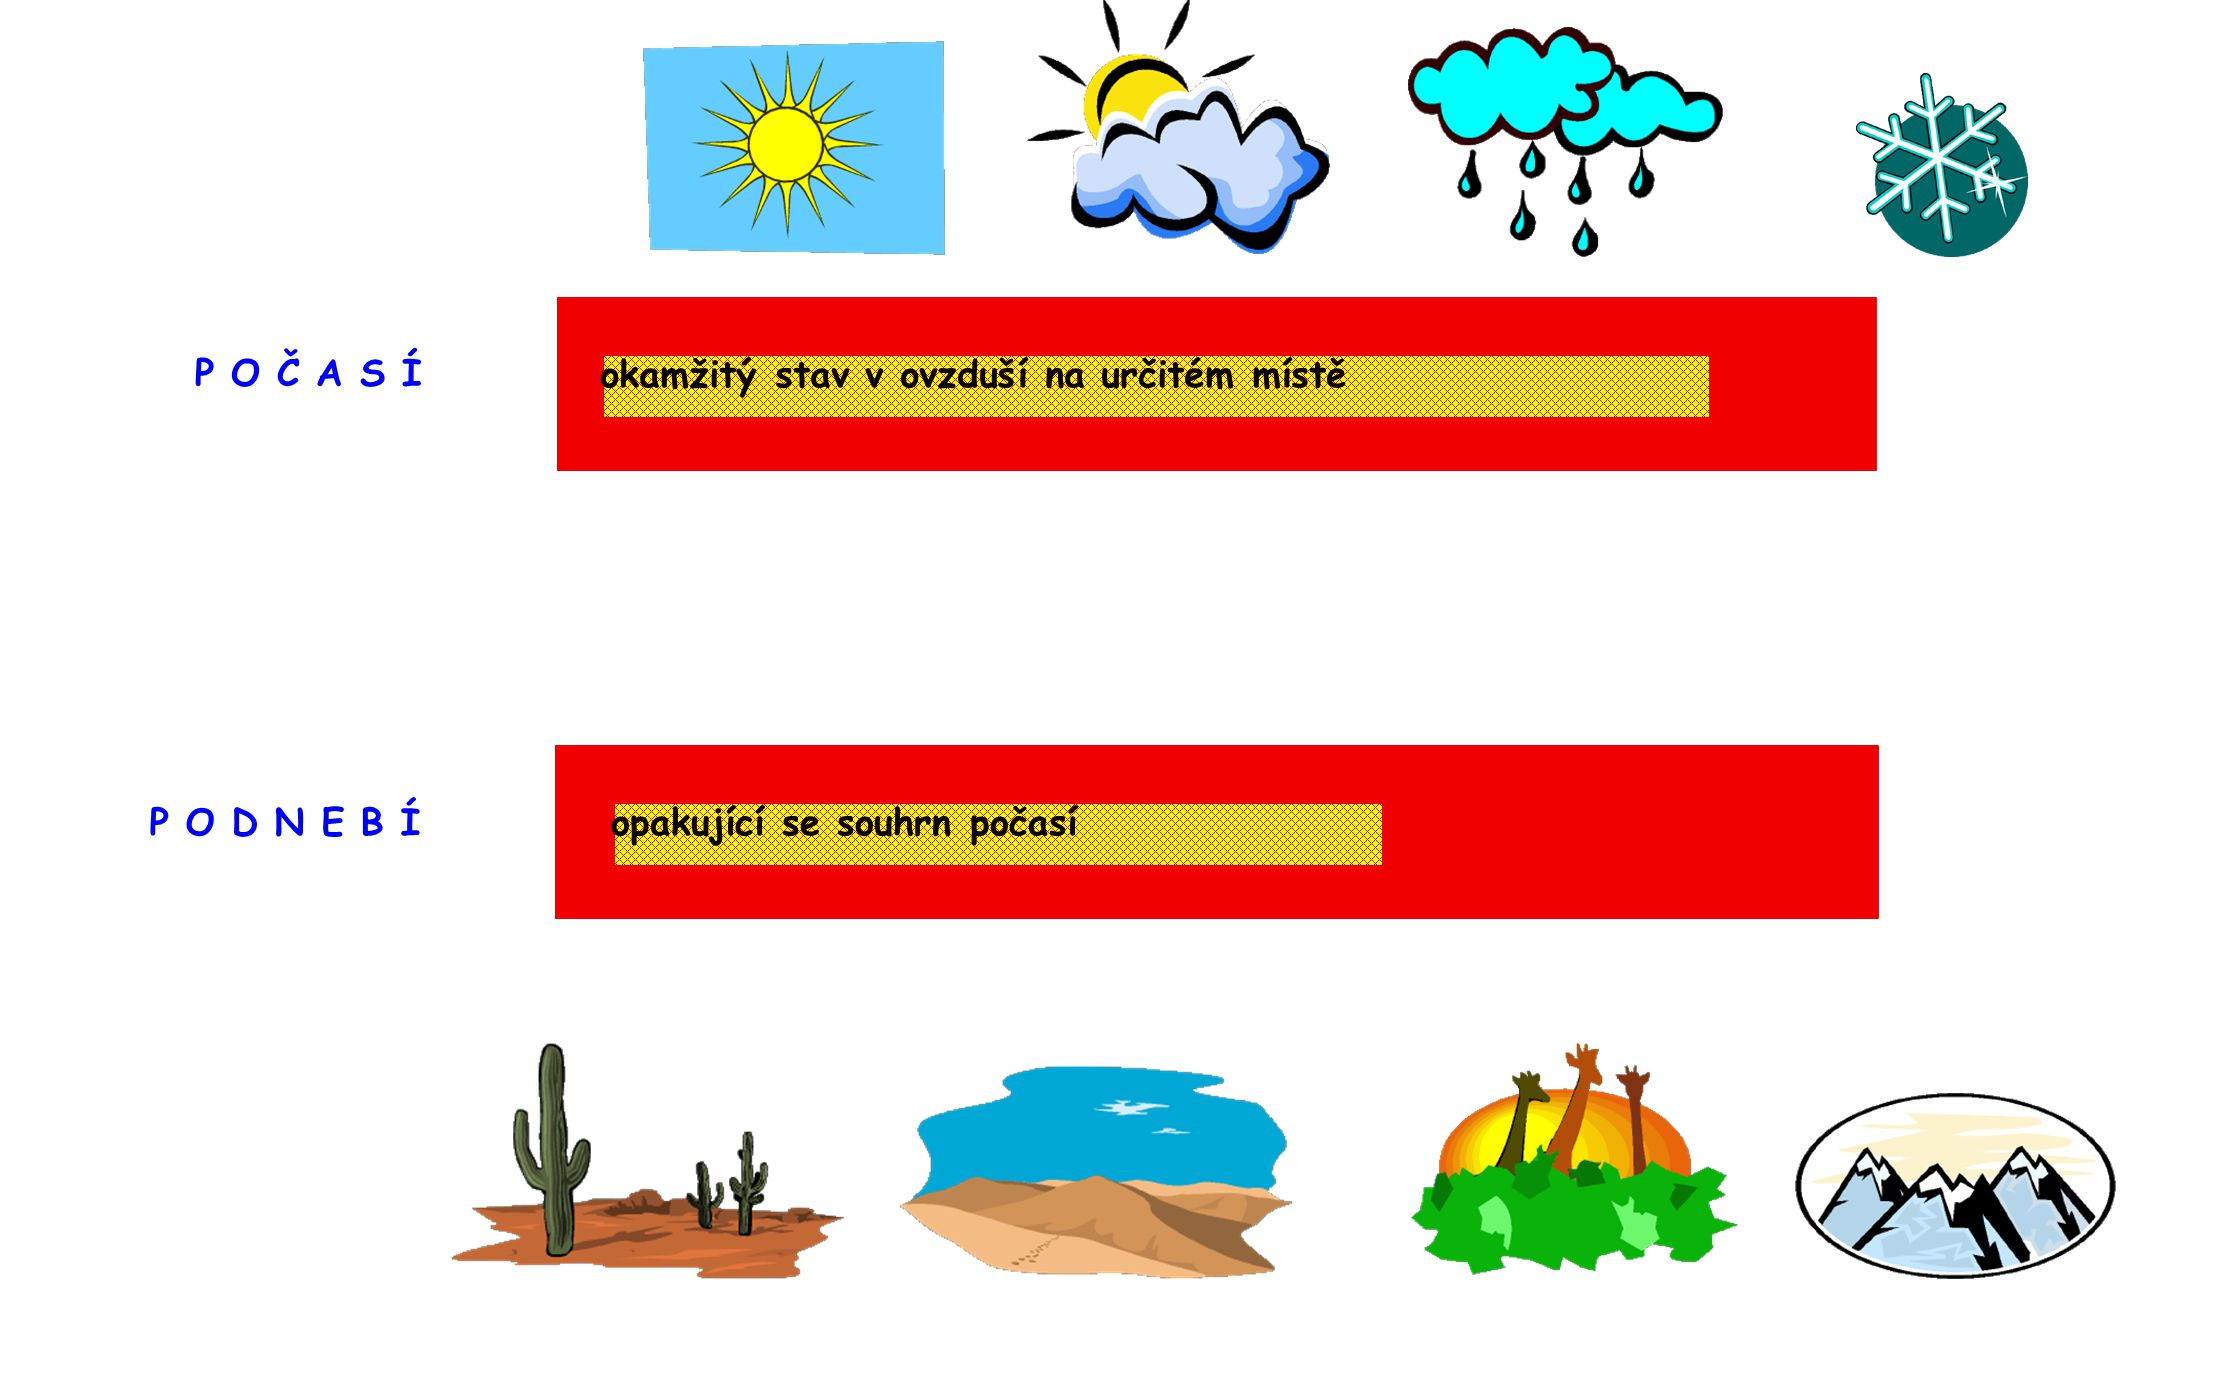 P O Č A S Í okamžitý stav v ovzduší na určitém místě P O D N E B Í opakující se souhrn počasí